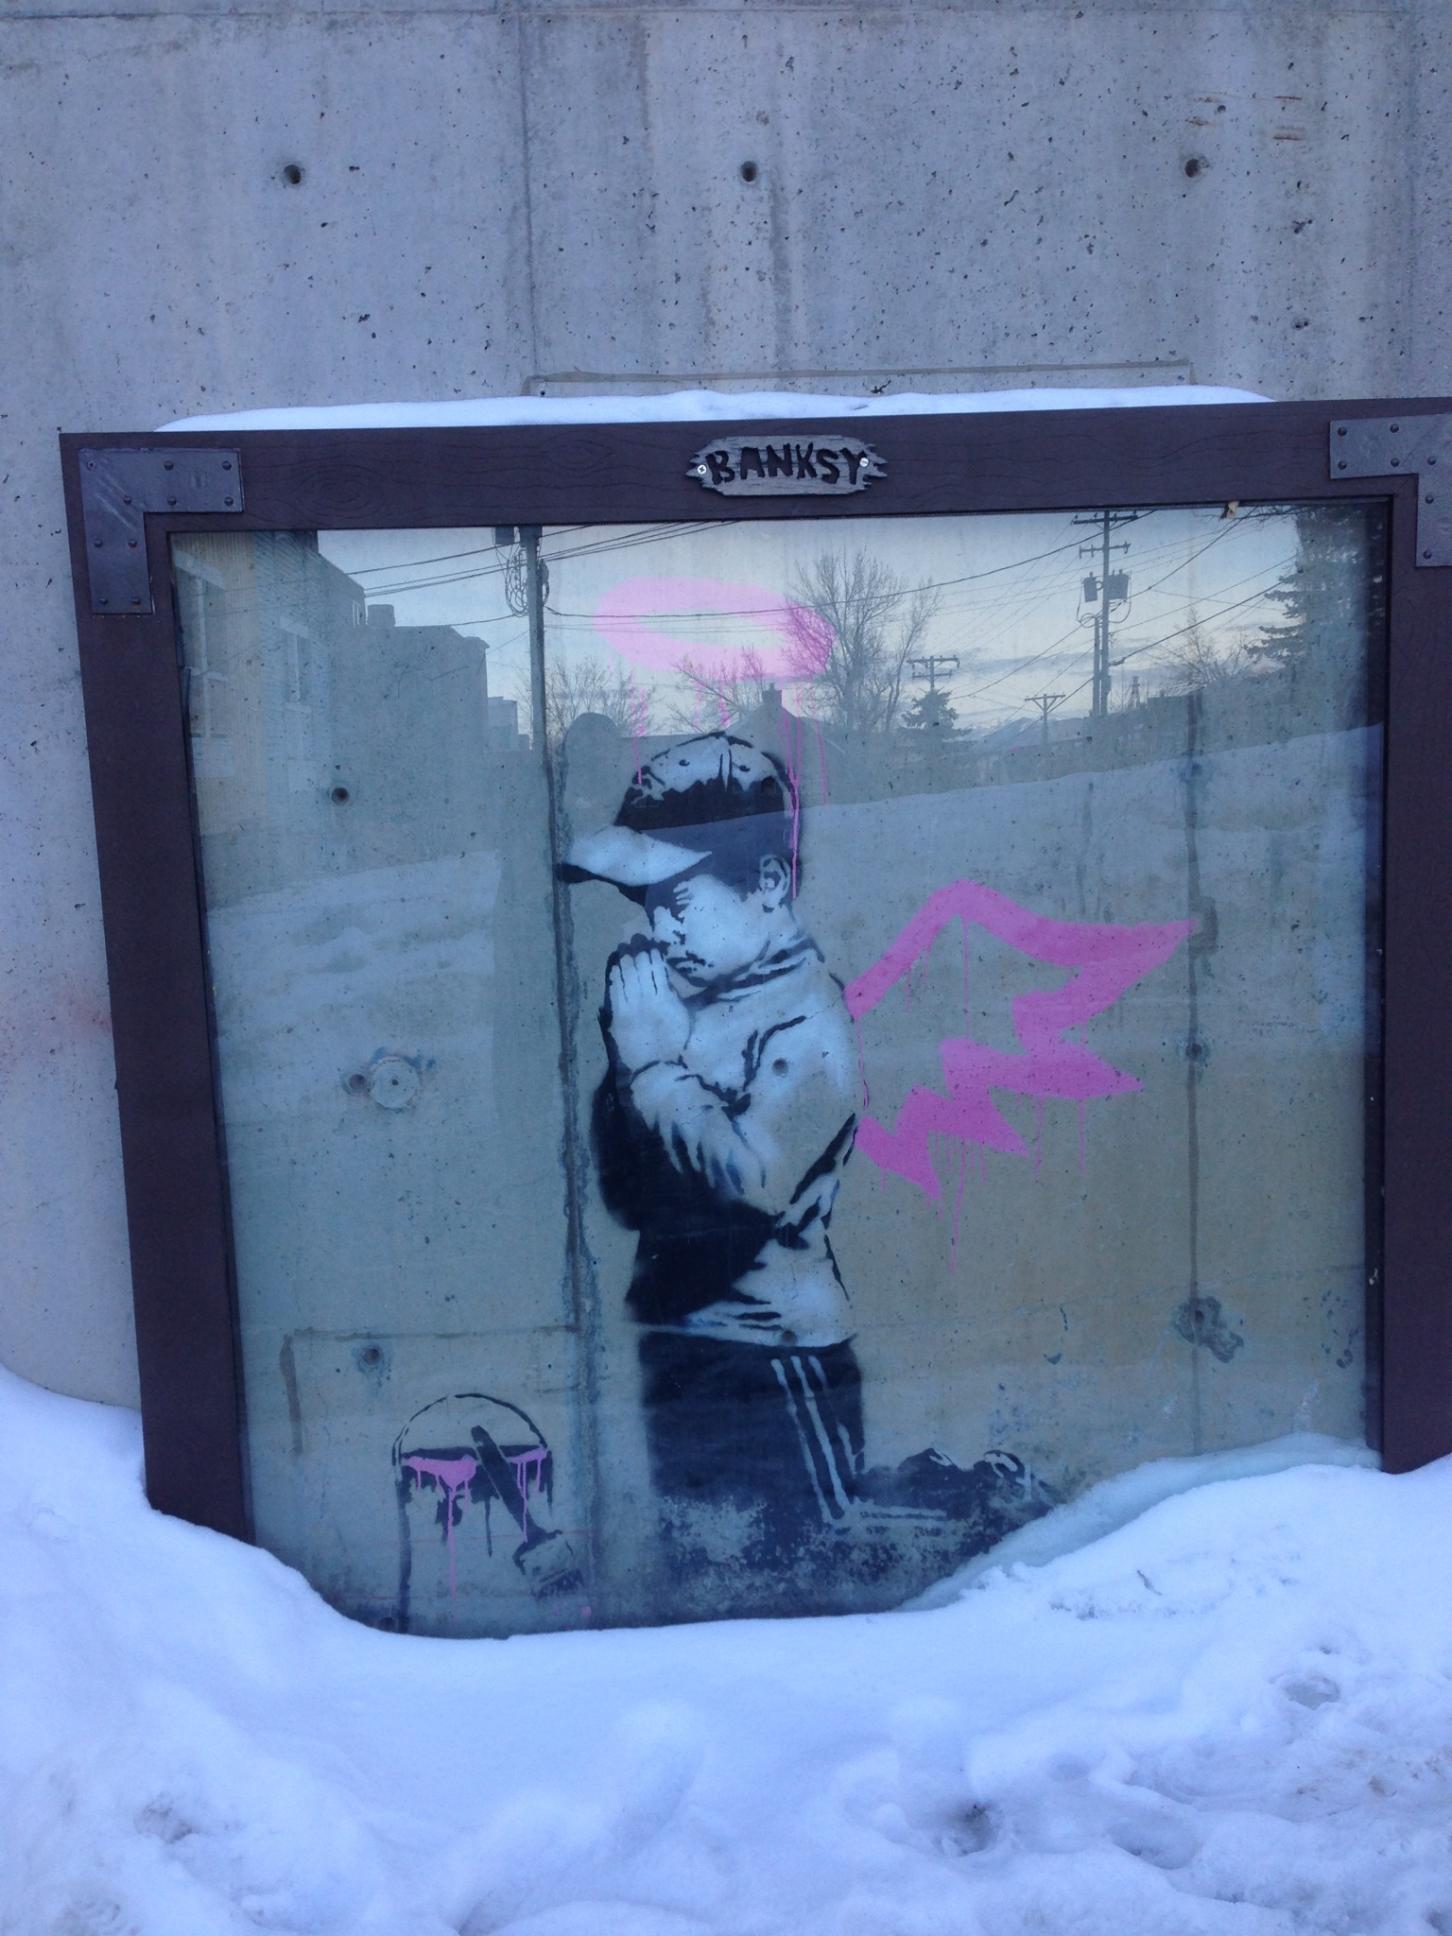 Banksy's Mural Vandali...